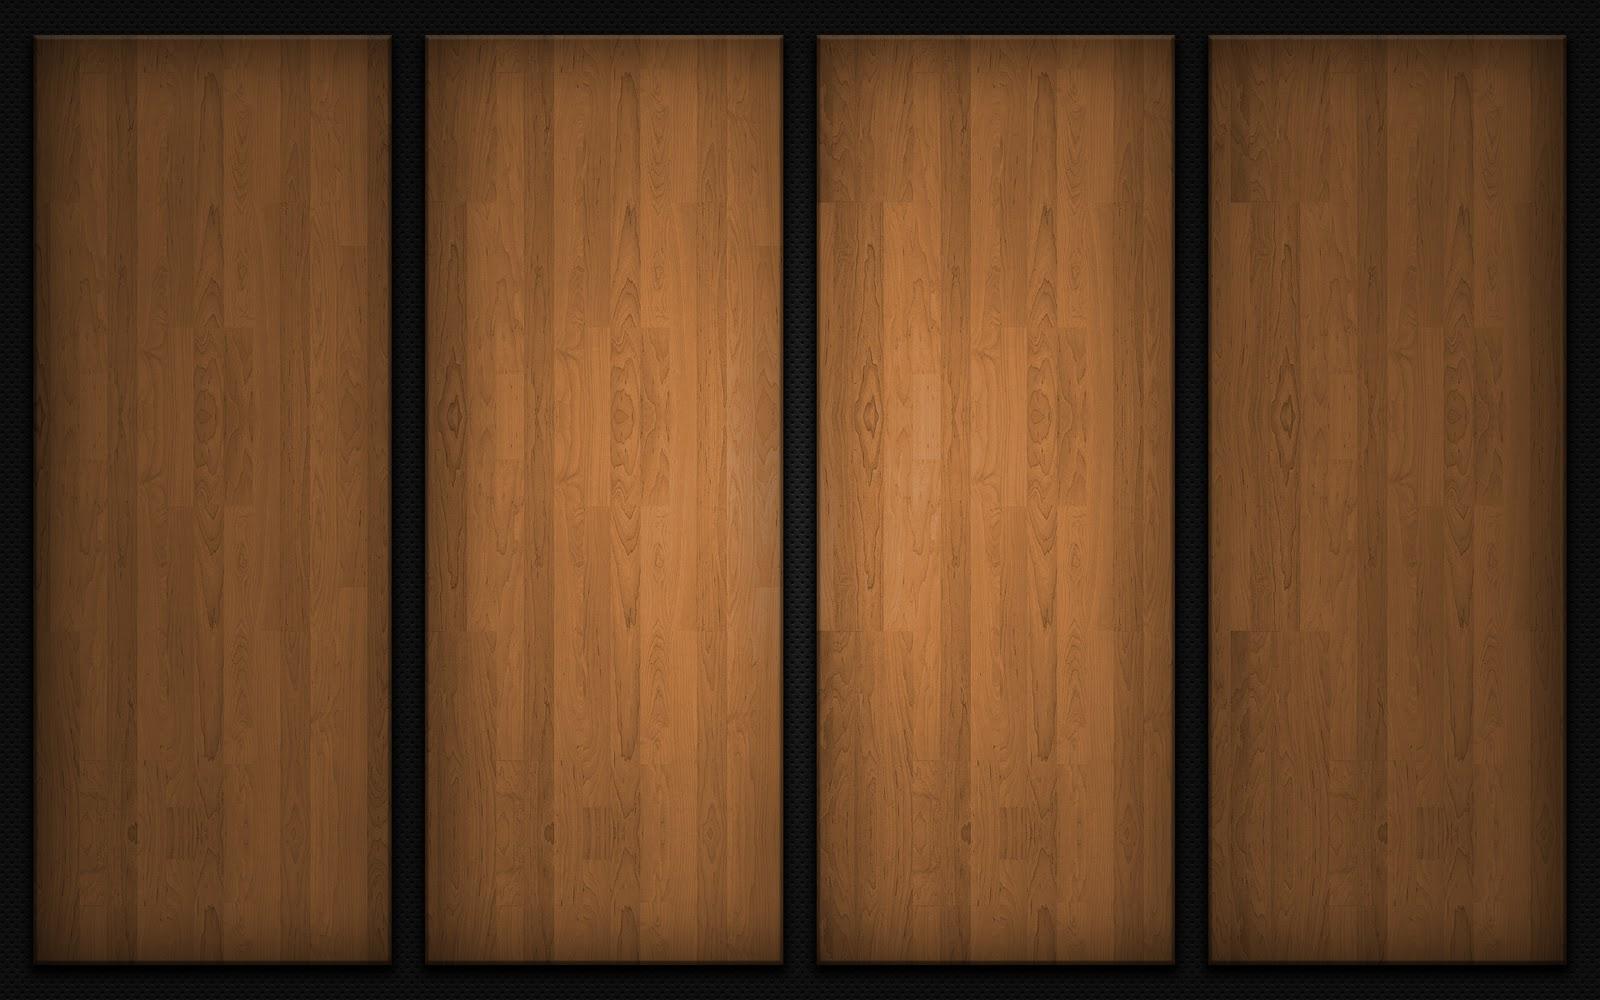 houten achtergronden hd - photo #3